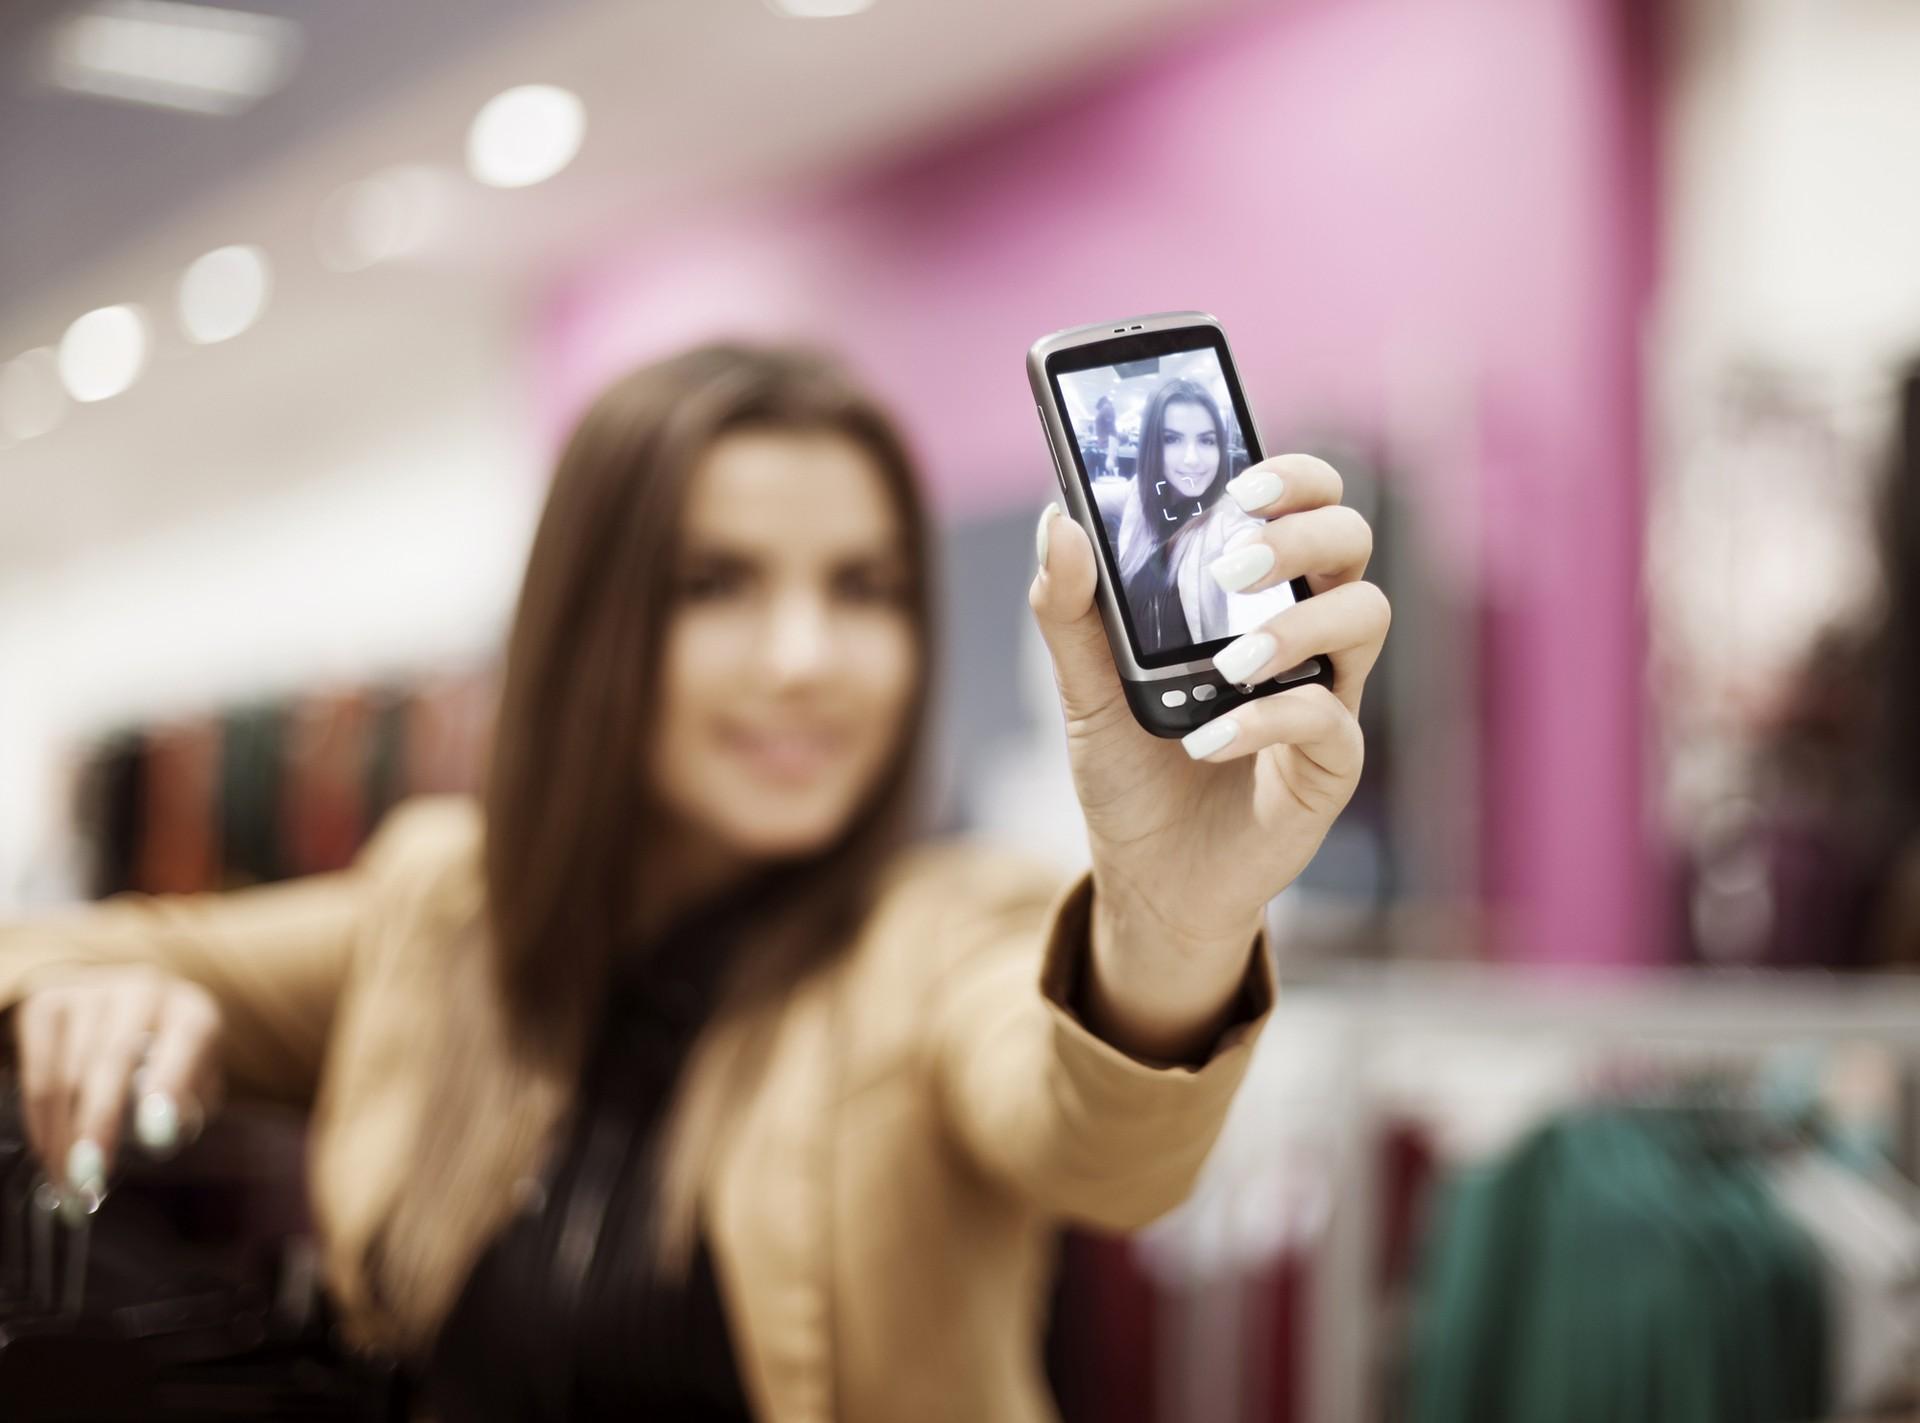 Uma das dicas do expert internacional é elevar a câmera (Foto: Thinkstock)